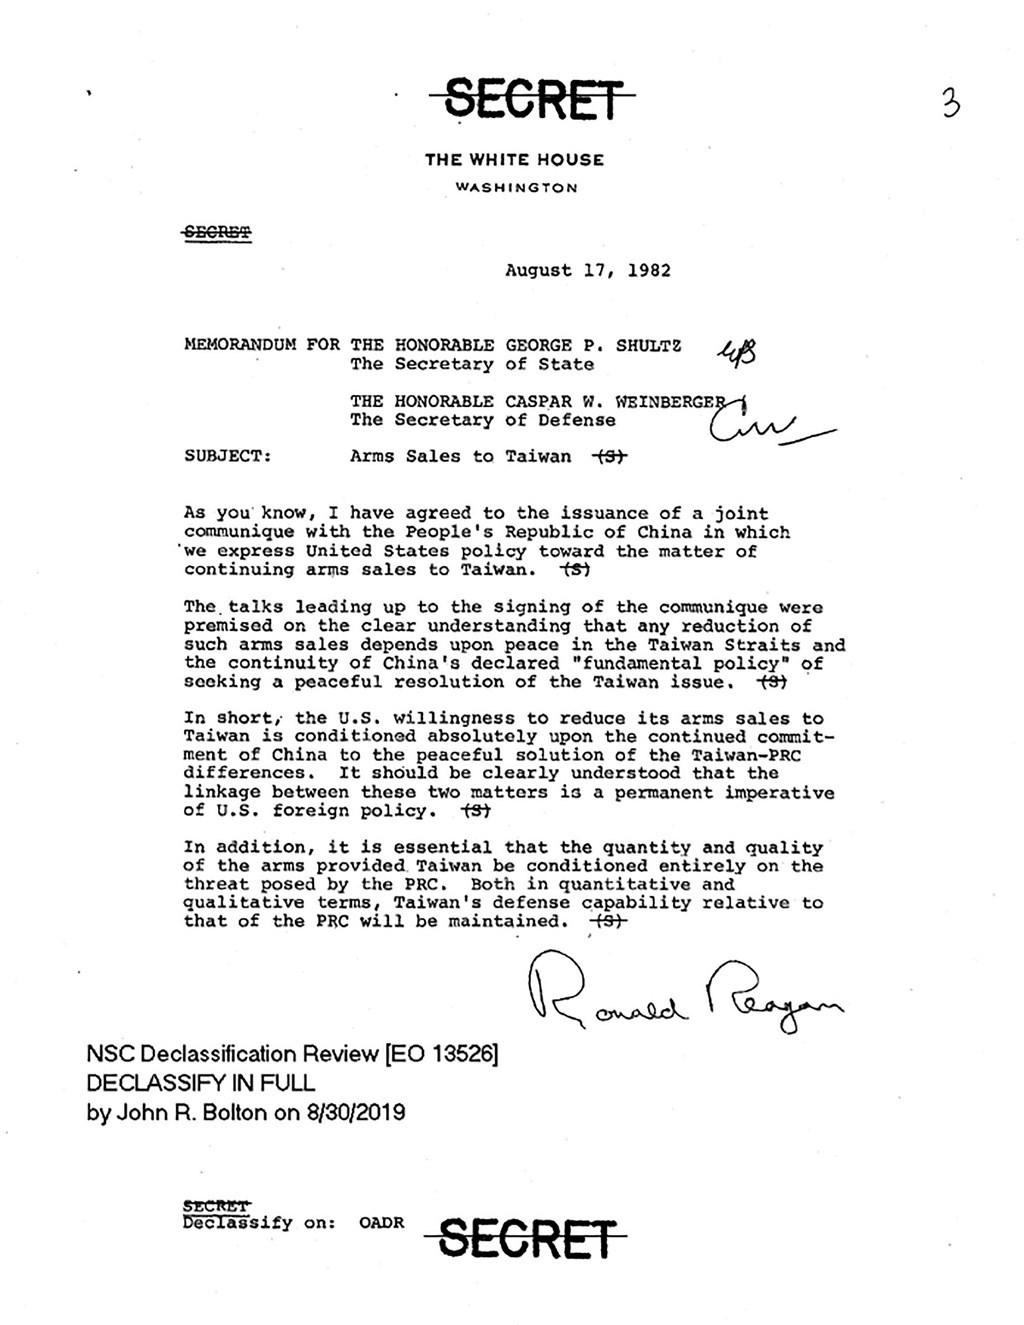 日前解密的一項白宮內部文件披露美方持續對台軍售的關鍵。1982年8月17日,八一七公報簽署的當天,時任美國總統雷根發給當時的美國國務卿舒茲、國防部長溫伯格一份備忘錄,內容指出,美國同意減少對台軍售的意願,全然以中國持續其和平解決台灣與中華人民共和國分歧的承諾為先決條件。(圖取自AIT網頁ait.org.tw)